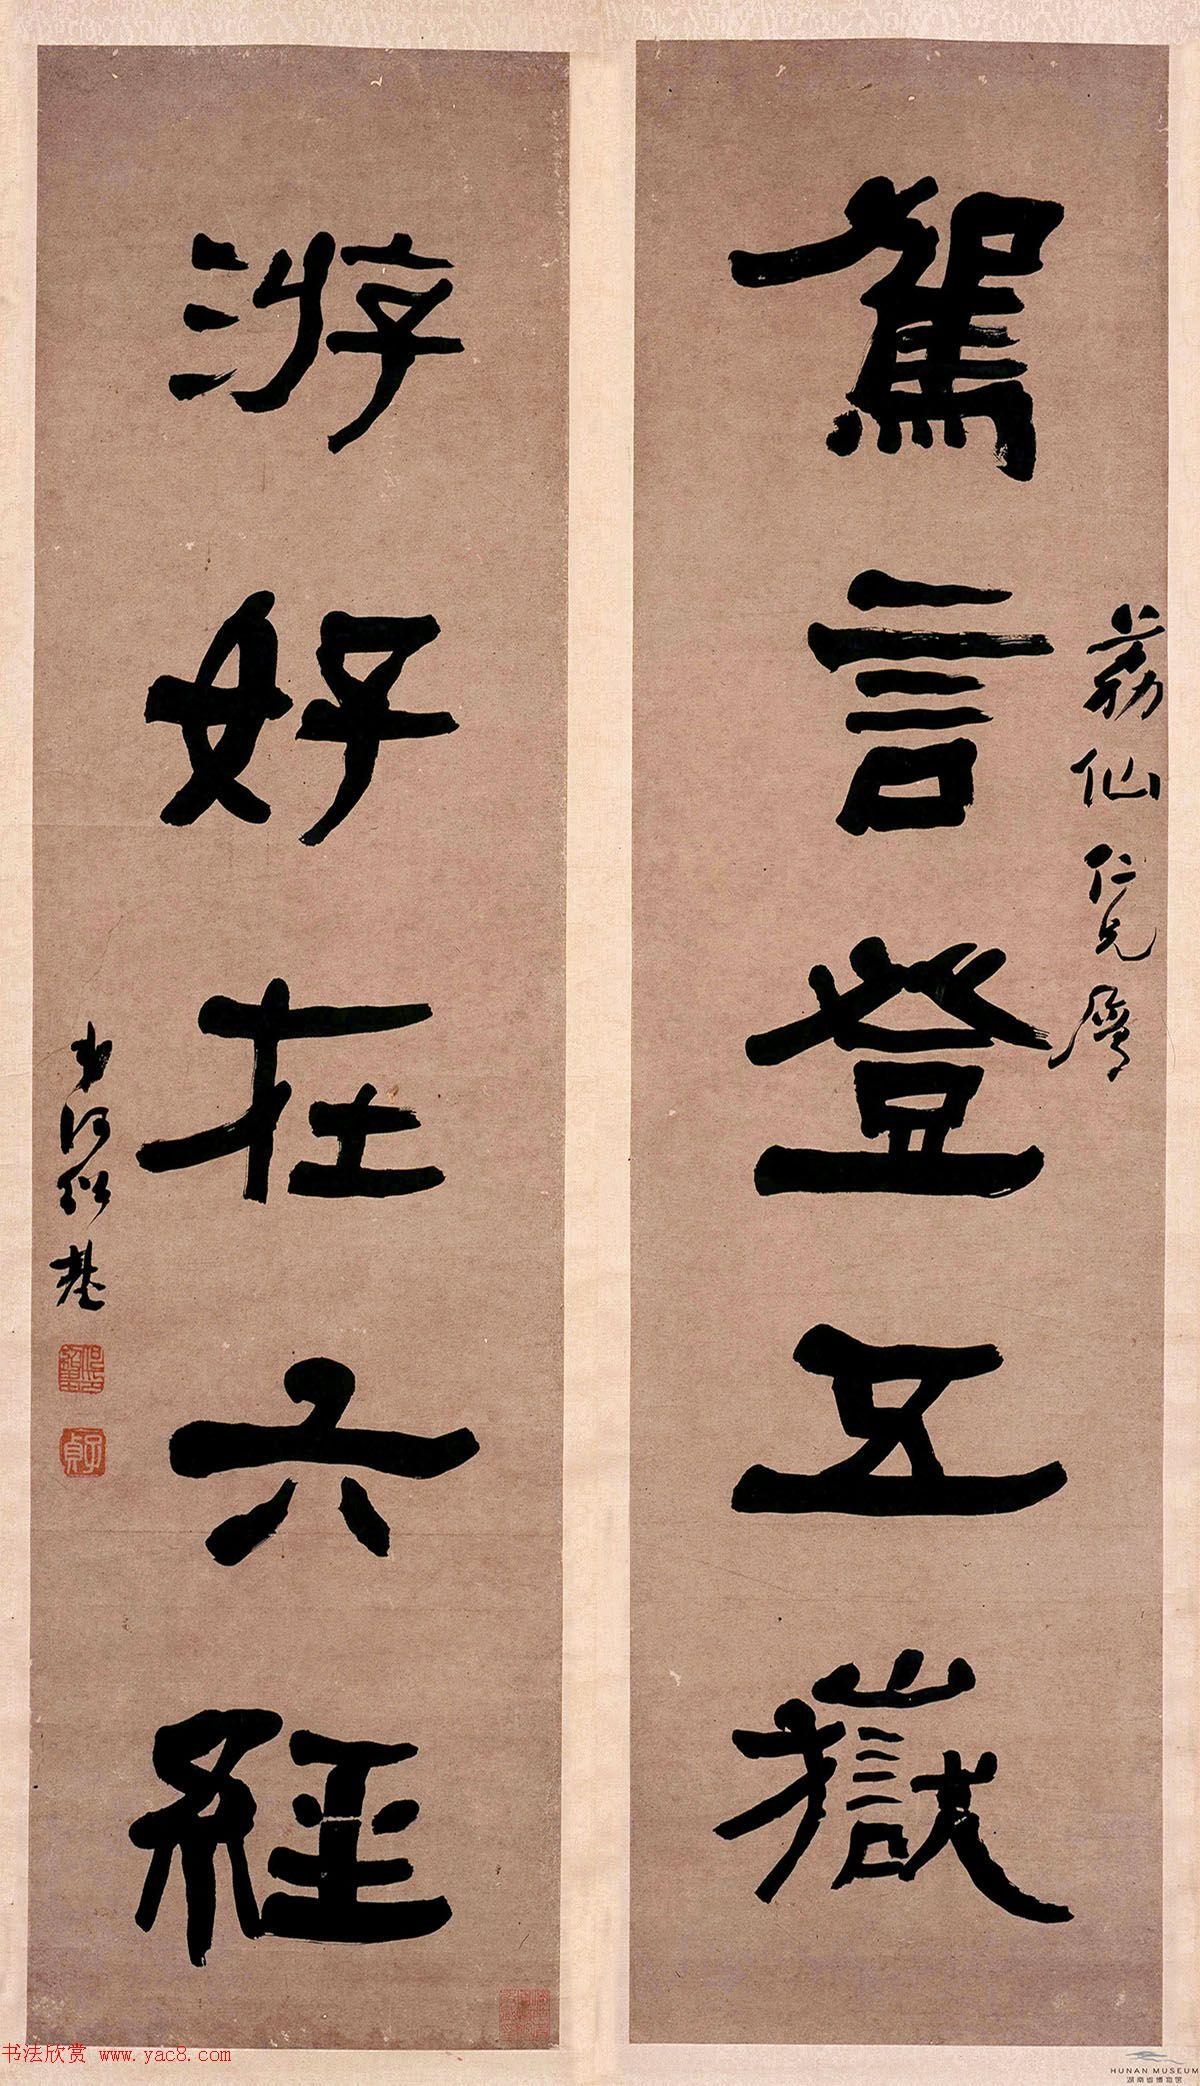 何绍基、何绍业、何绍祺、何绍京书法墨迹